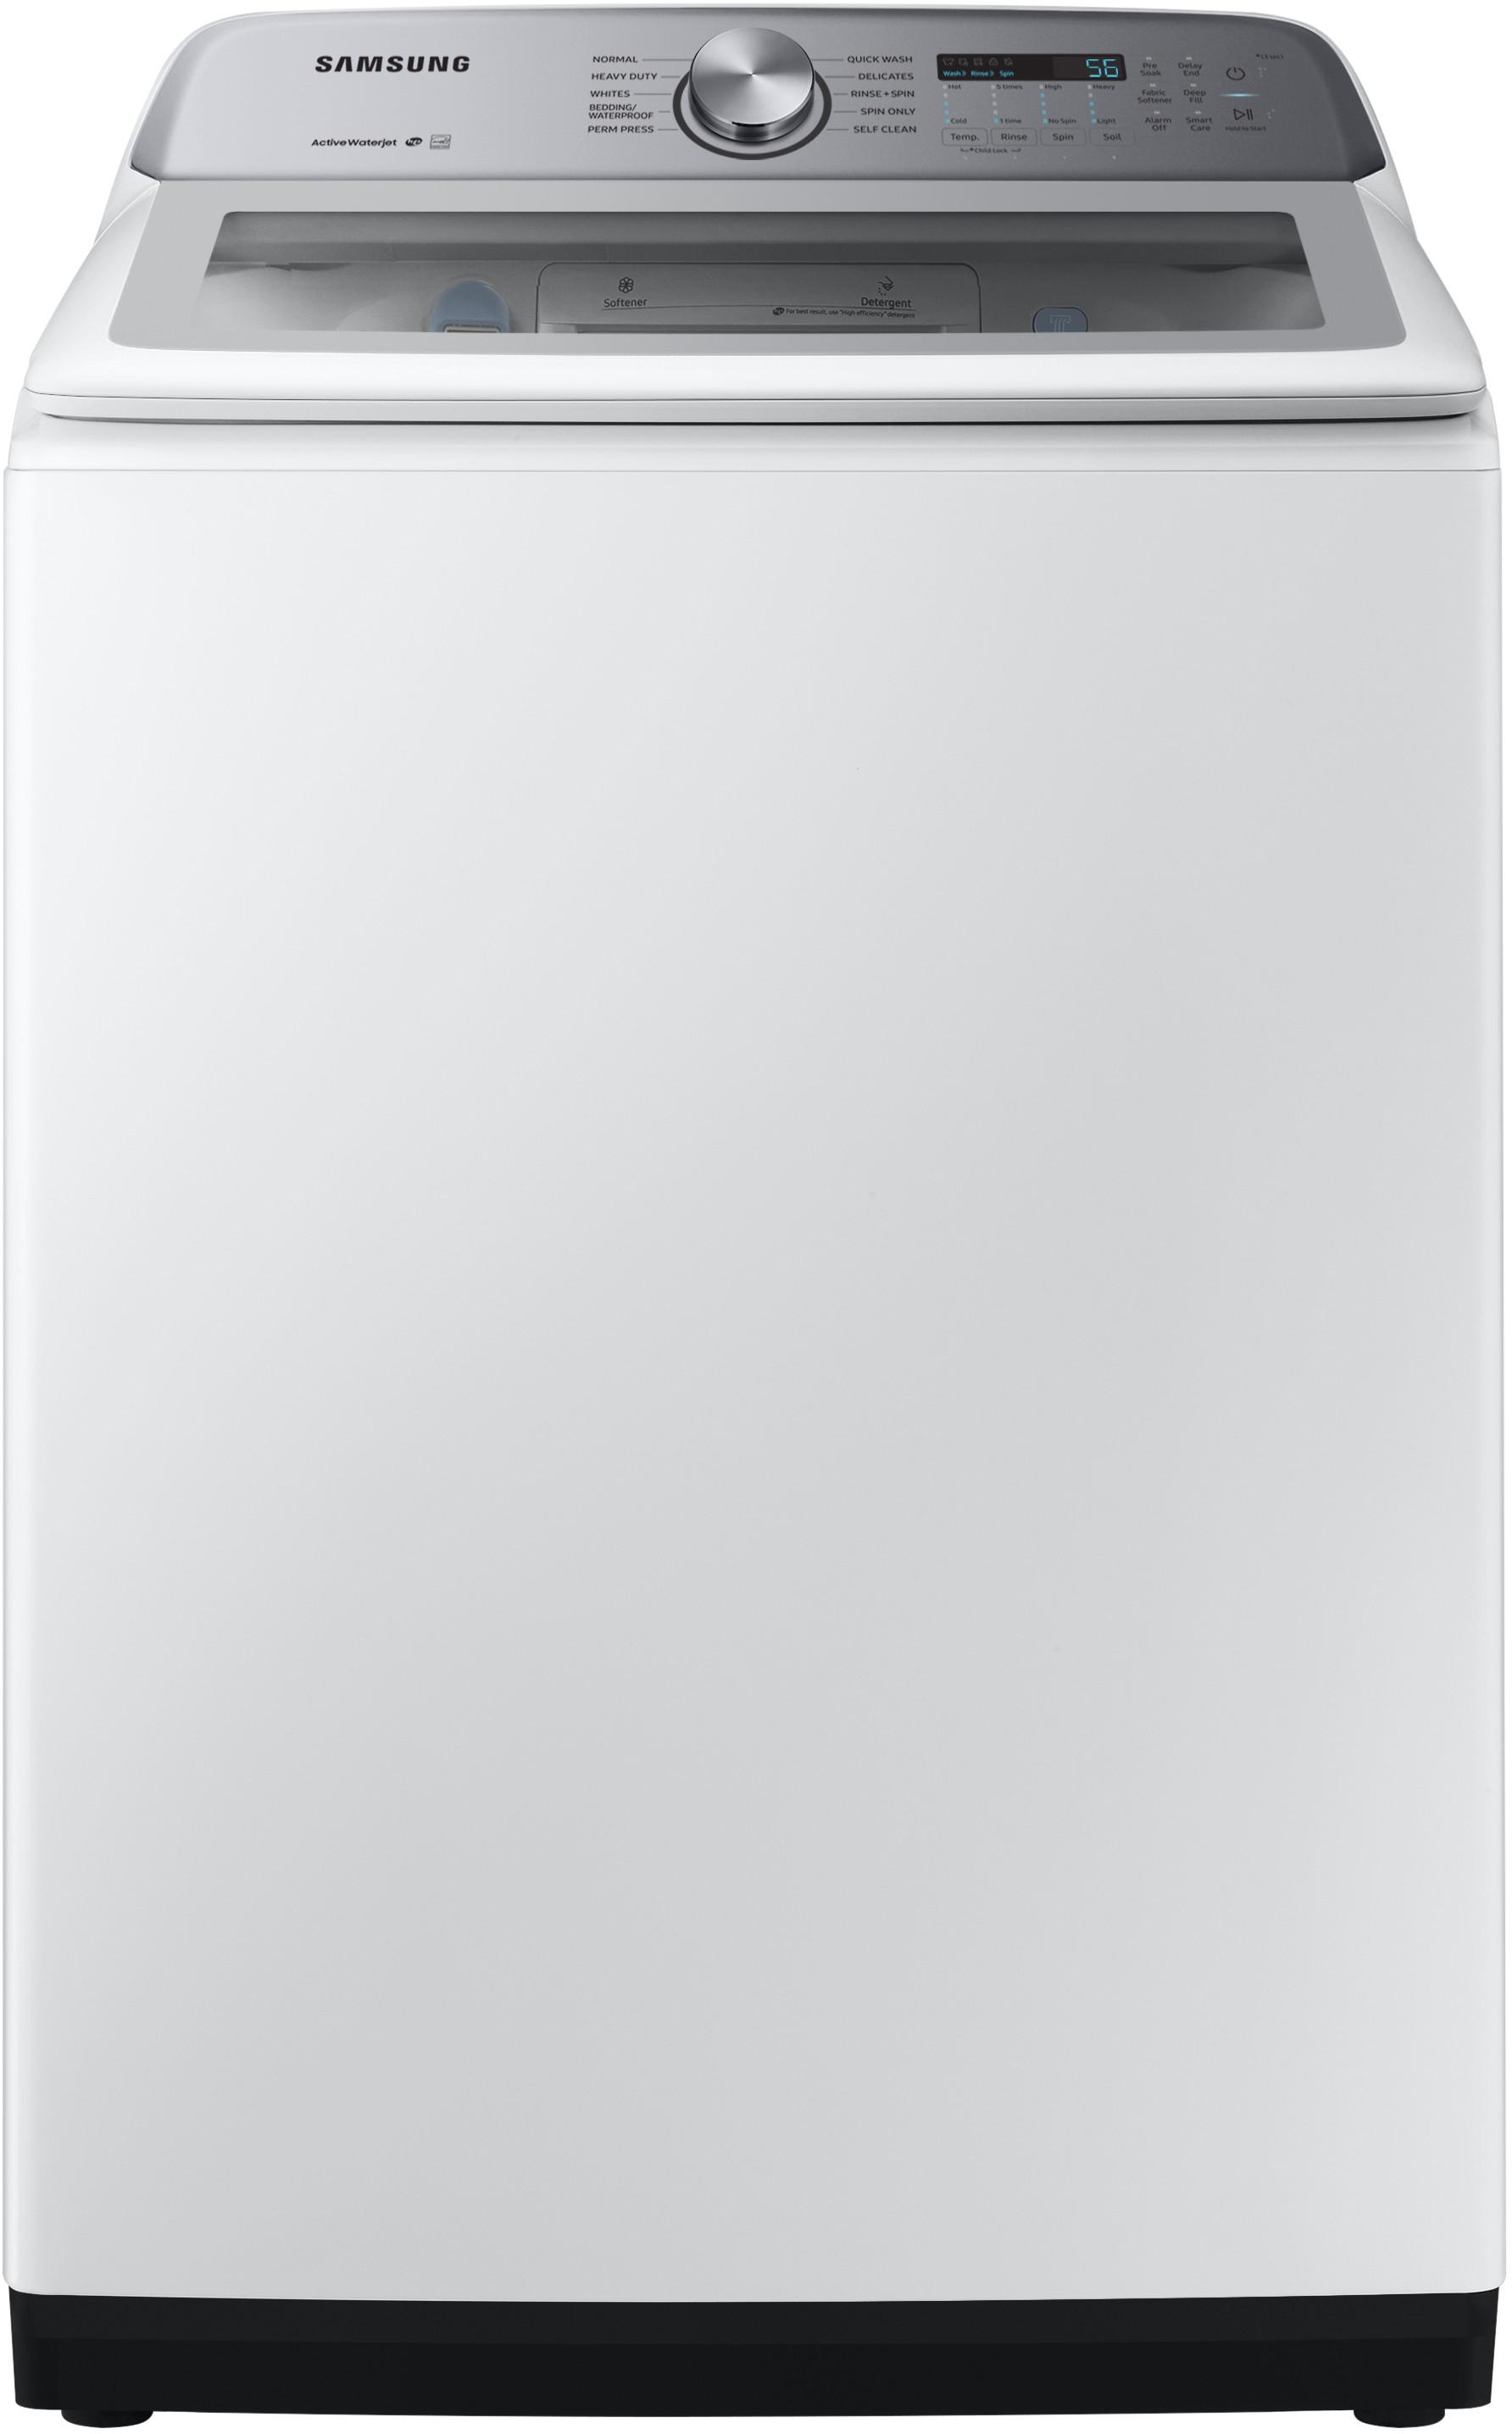 Samsung WA50R5200AW